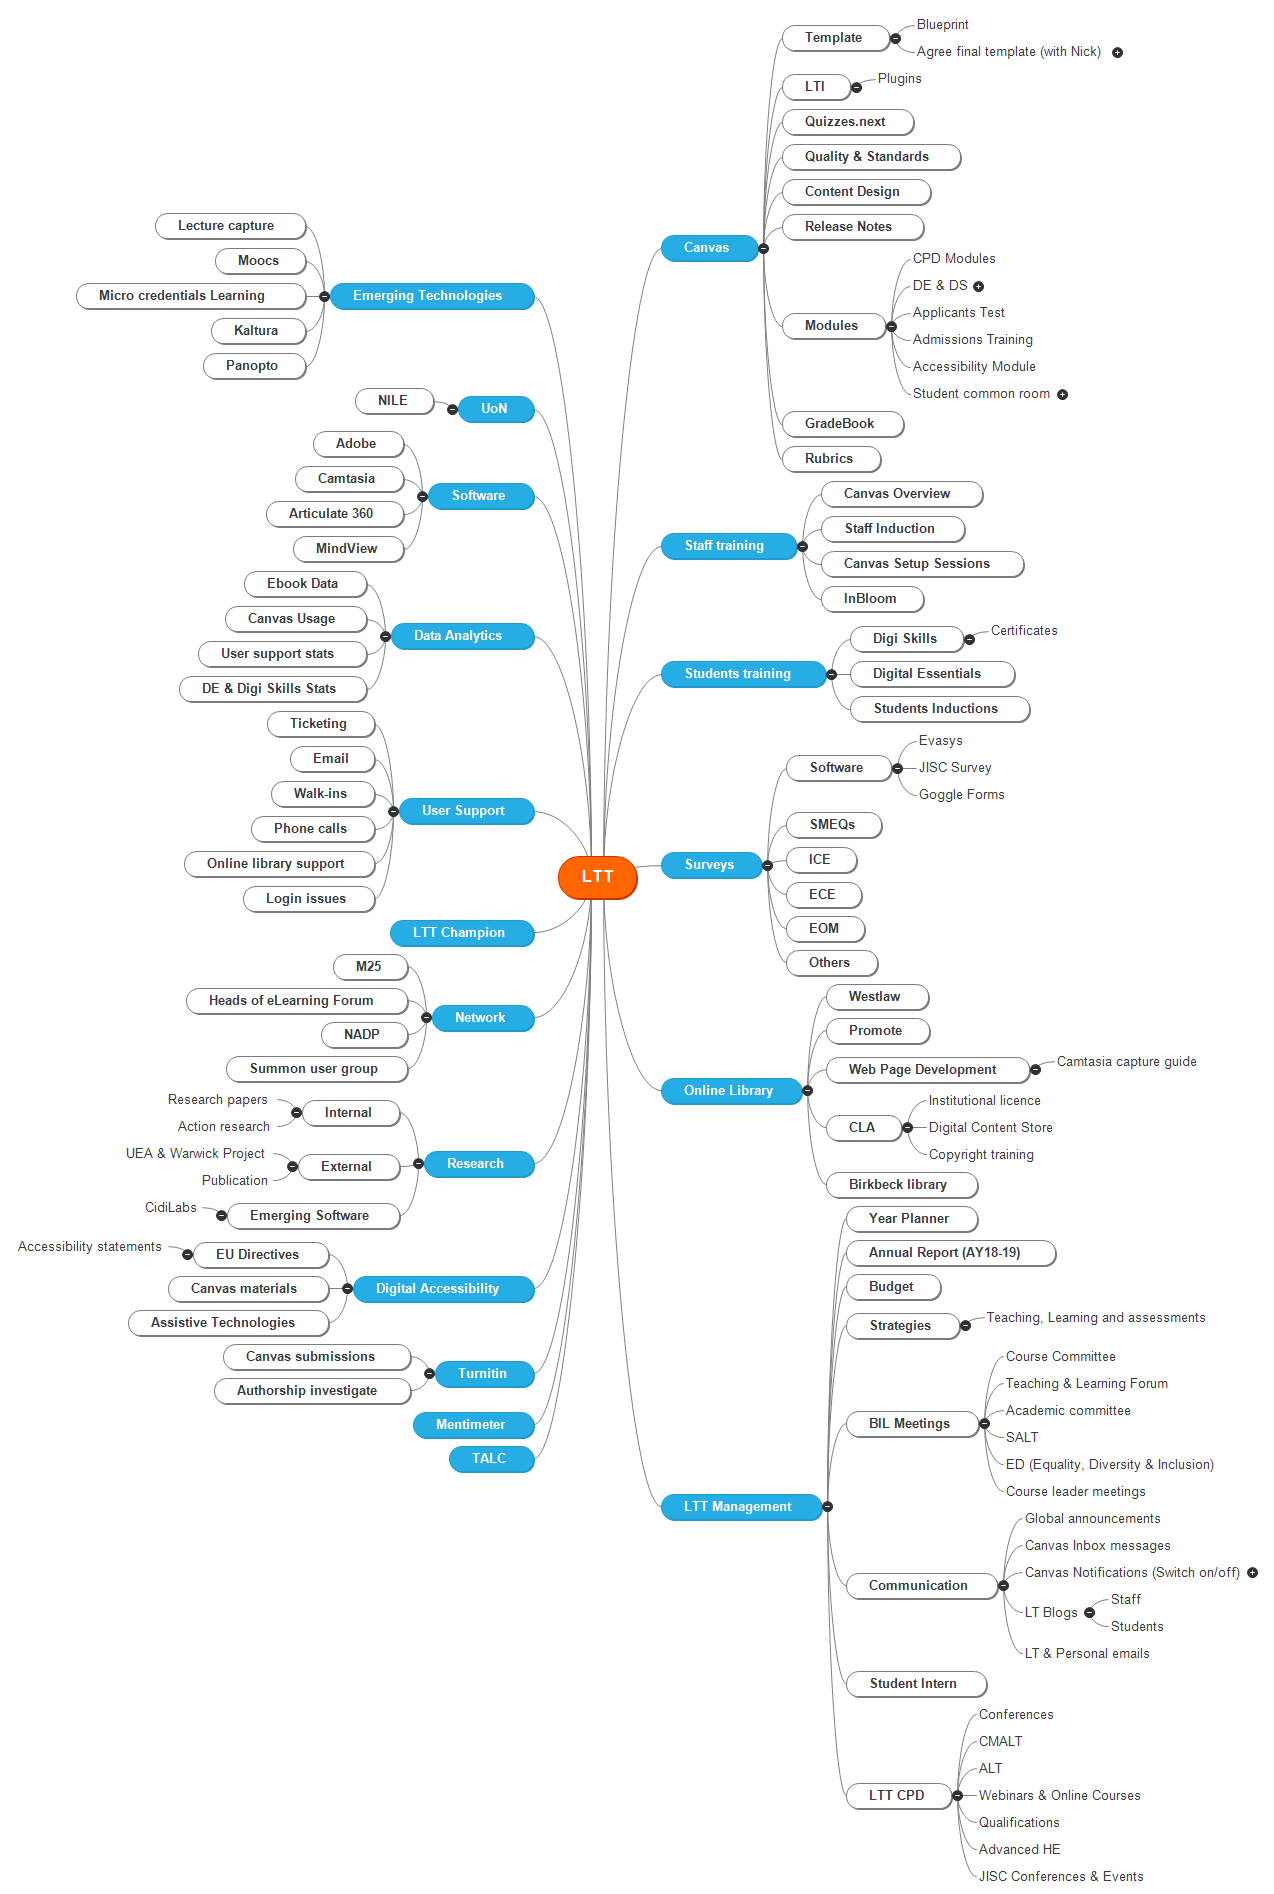 LTT Mind Map